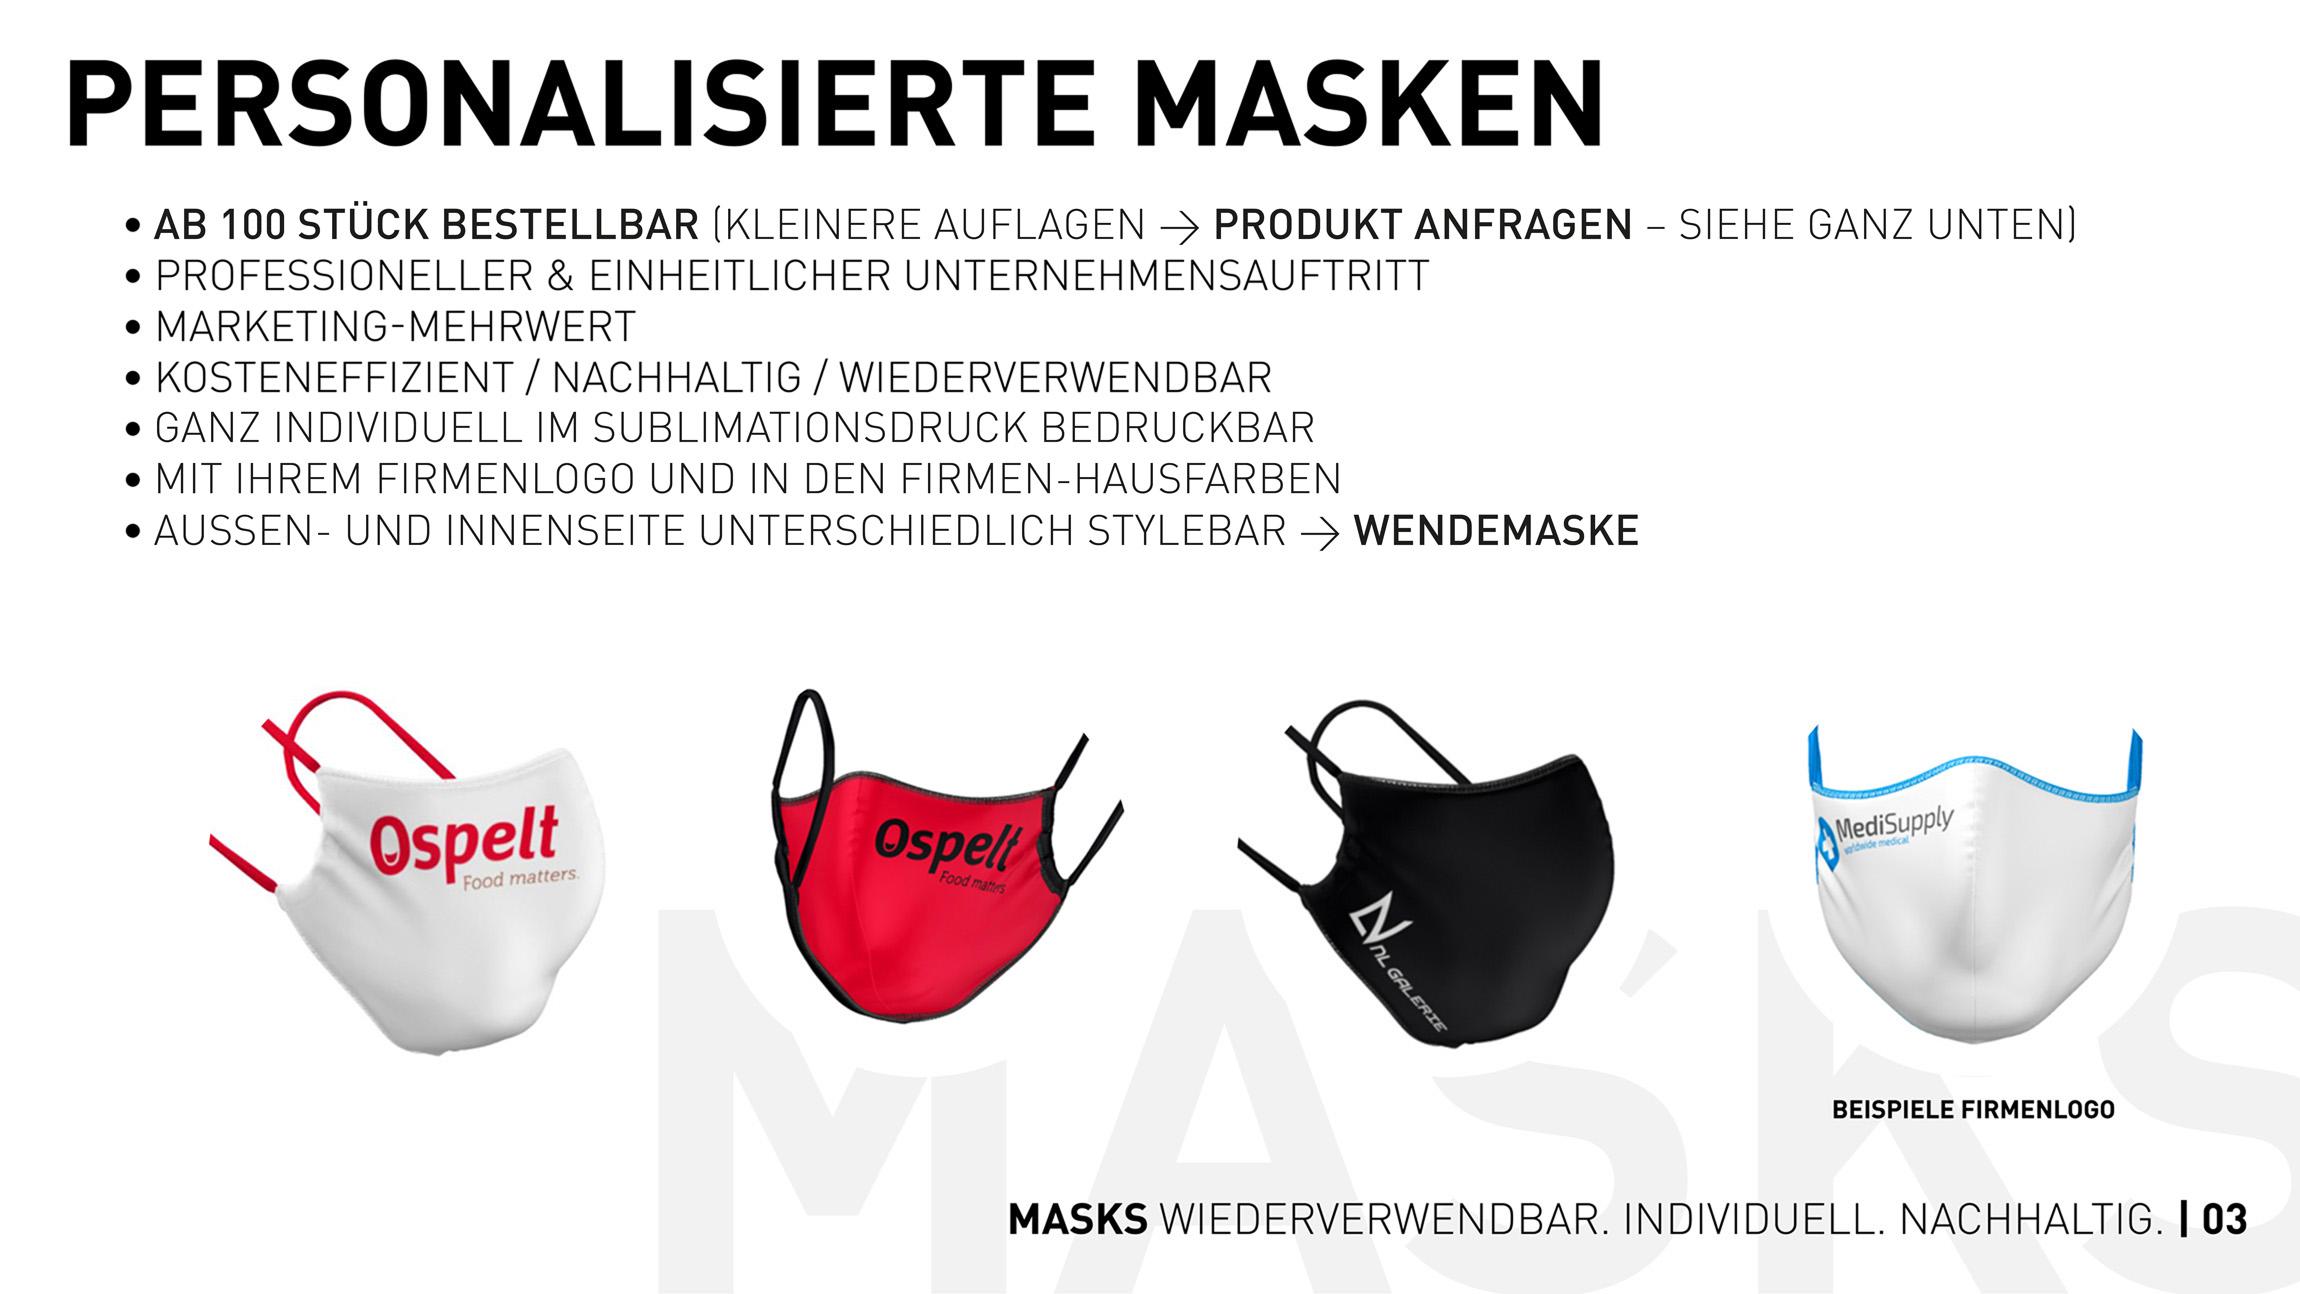 personalisierte-stoffmasken-seite4-081220